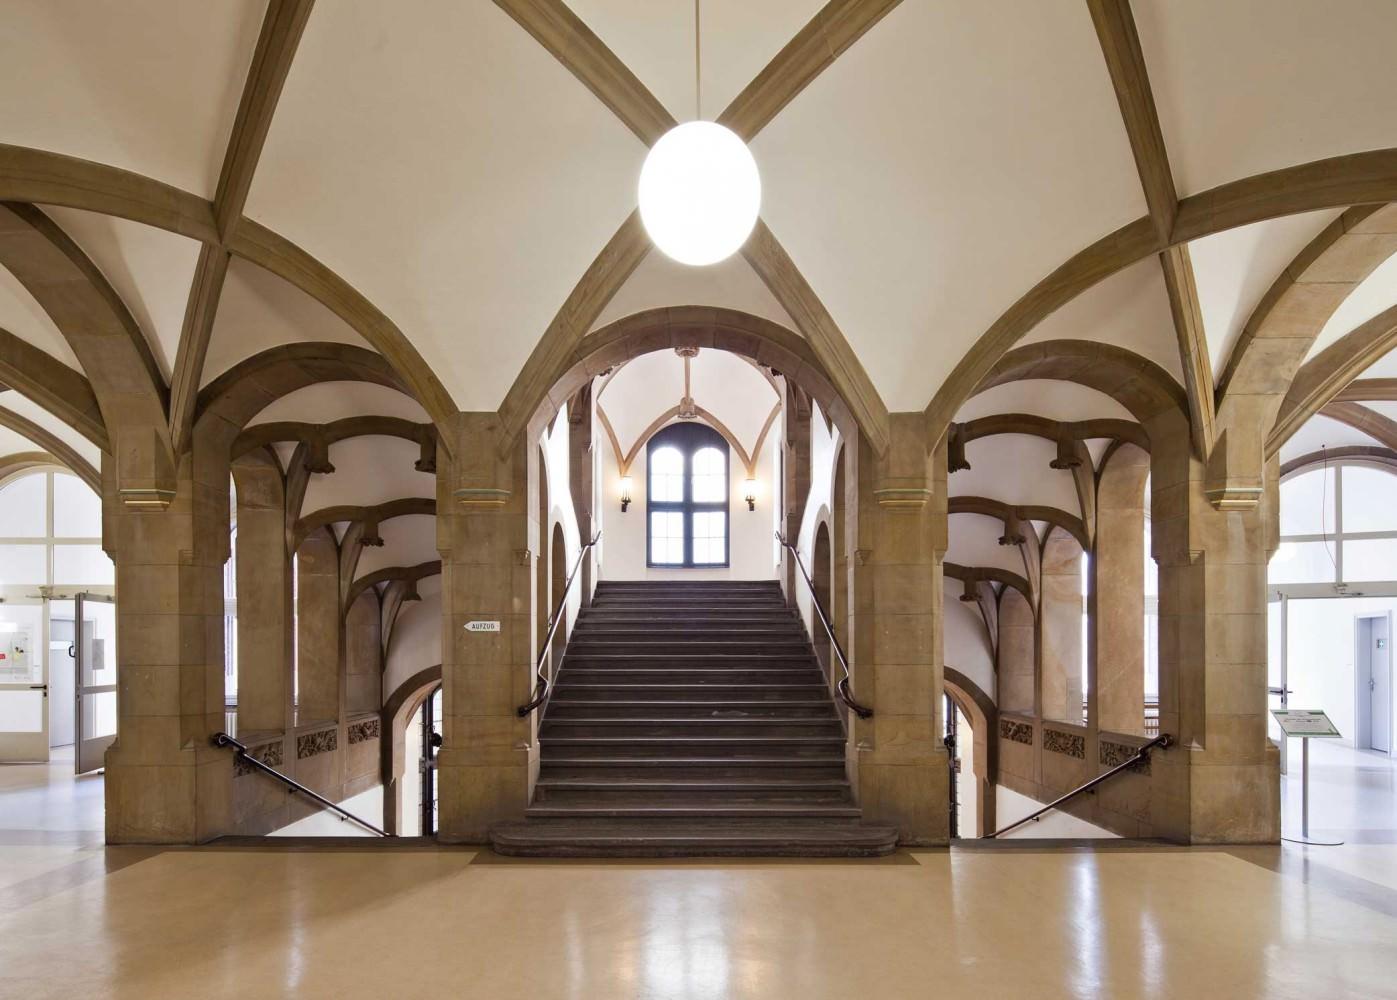 Architekten Wuppertal pbs architekten